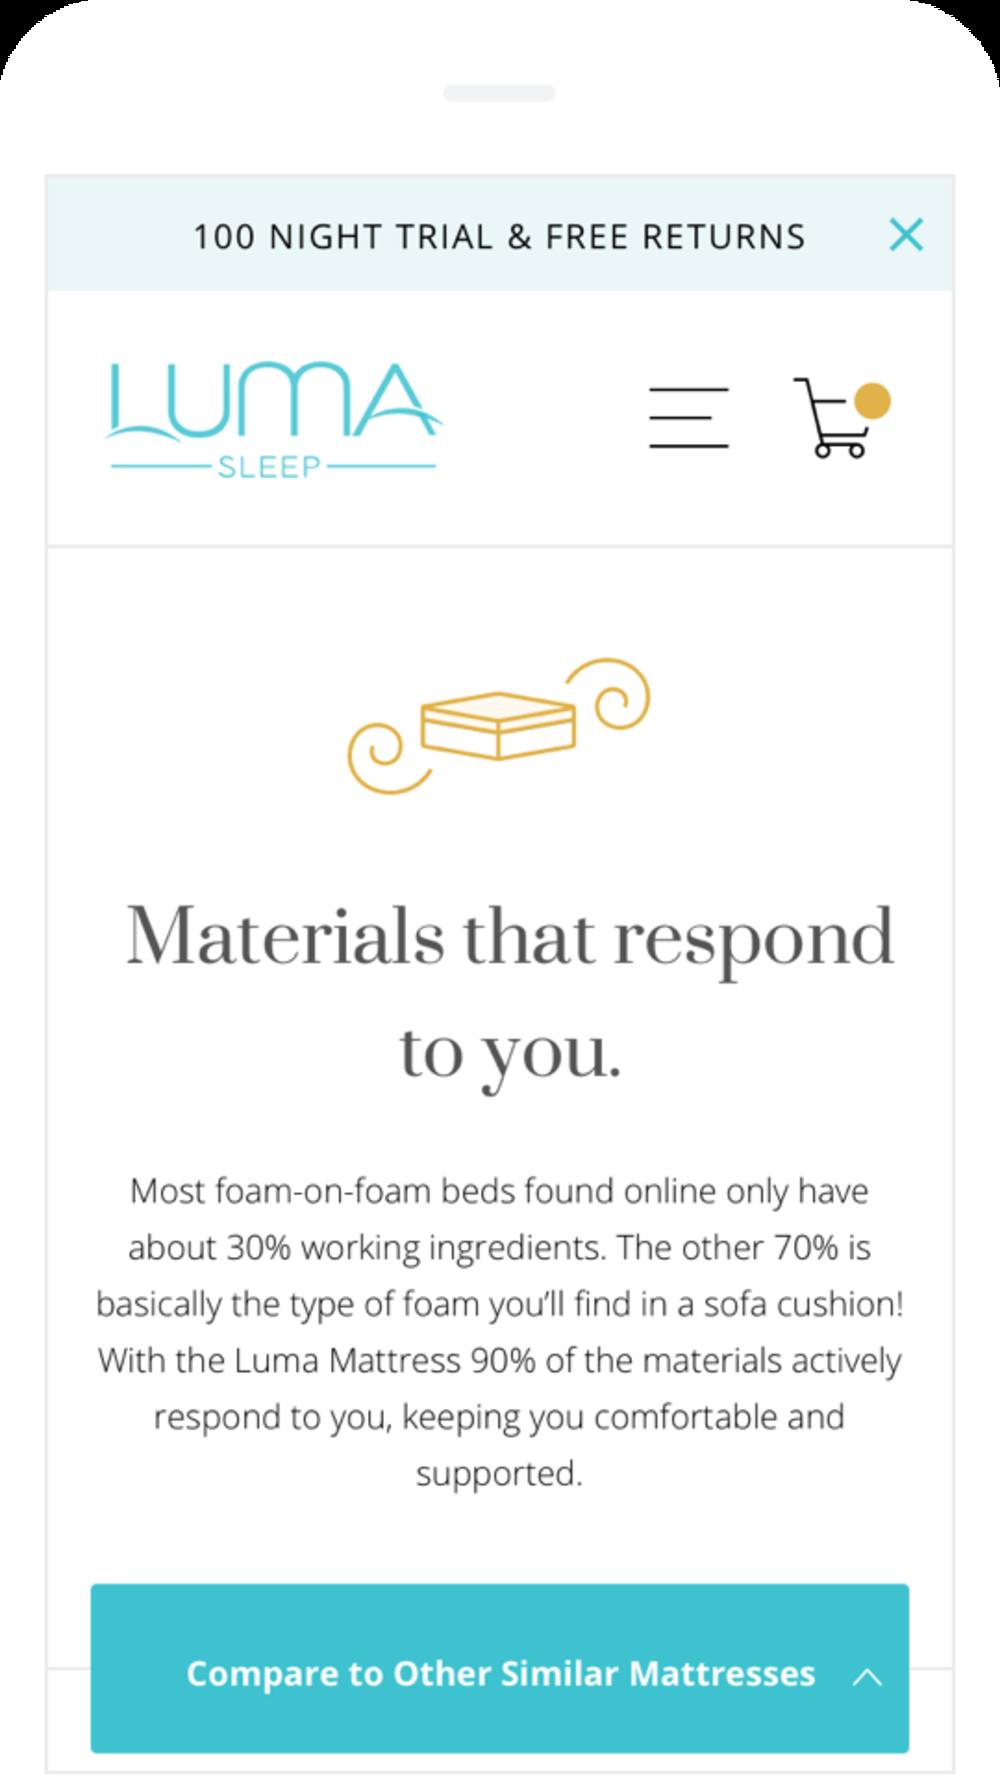 Luma Sleep Image